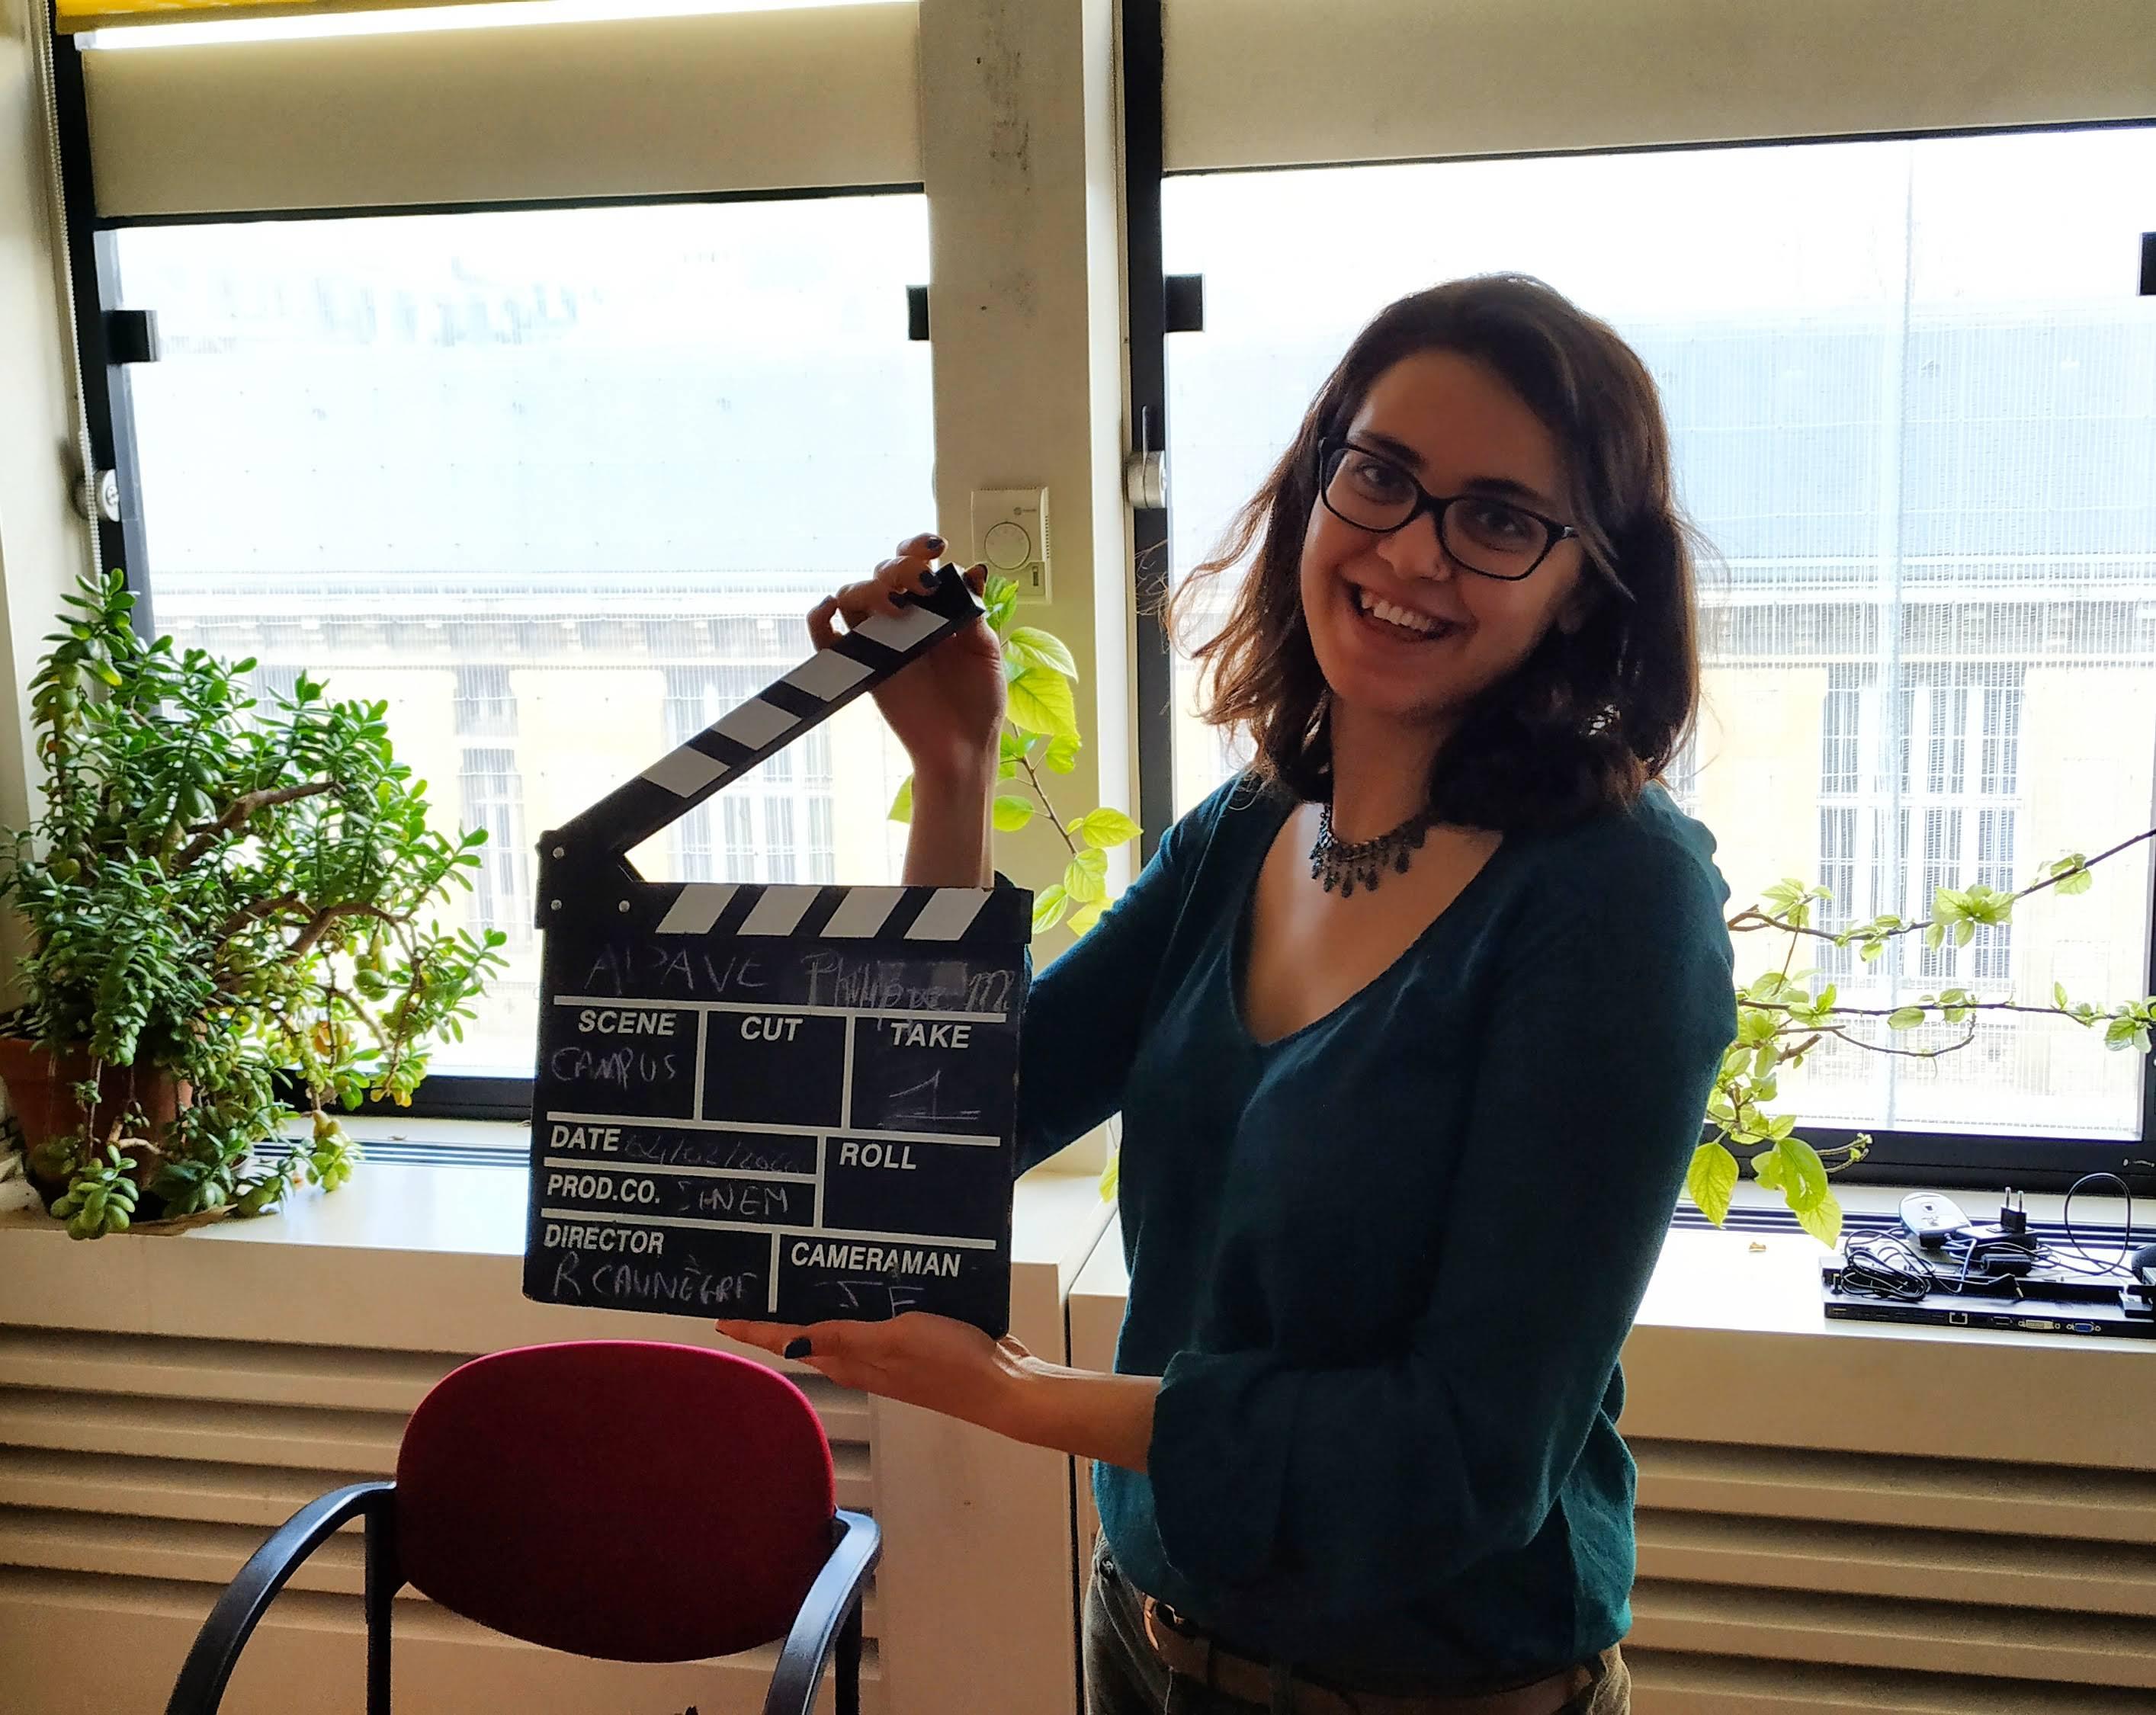 Weup Learning şirketinden dijital eğitim içeriklerini hazırlamak için kamera çekimlerinden bir kare.